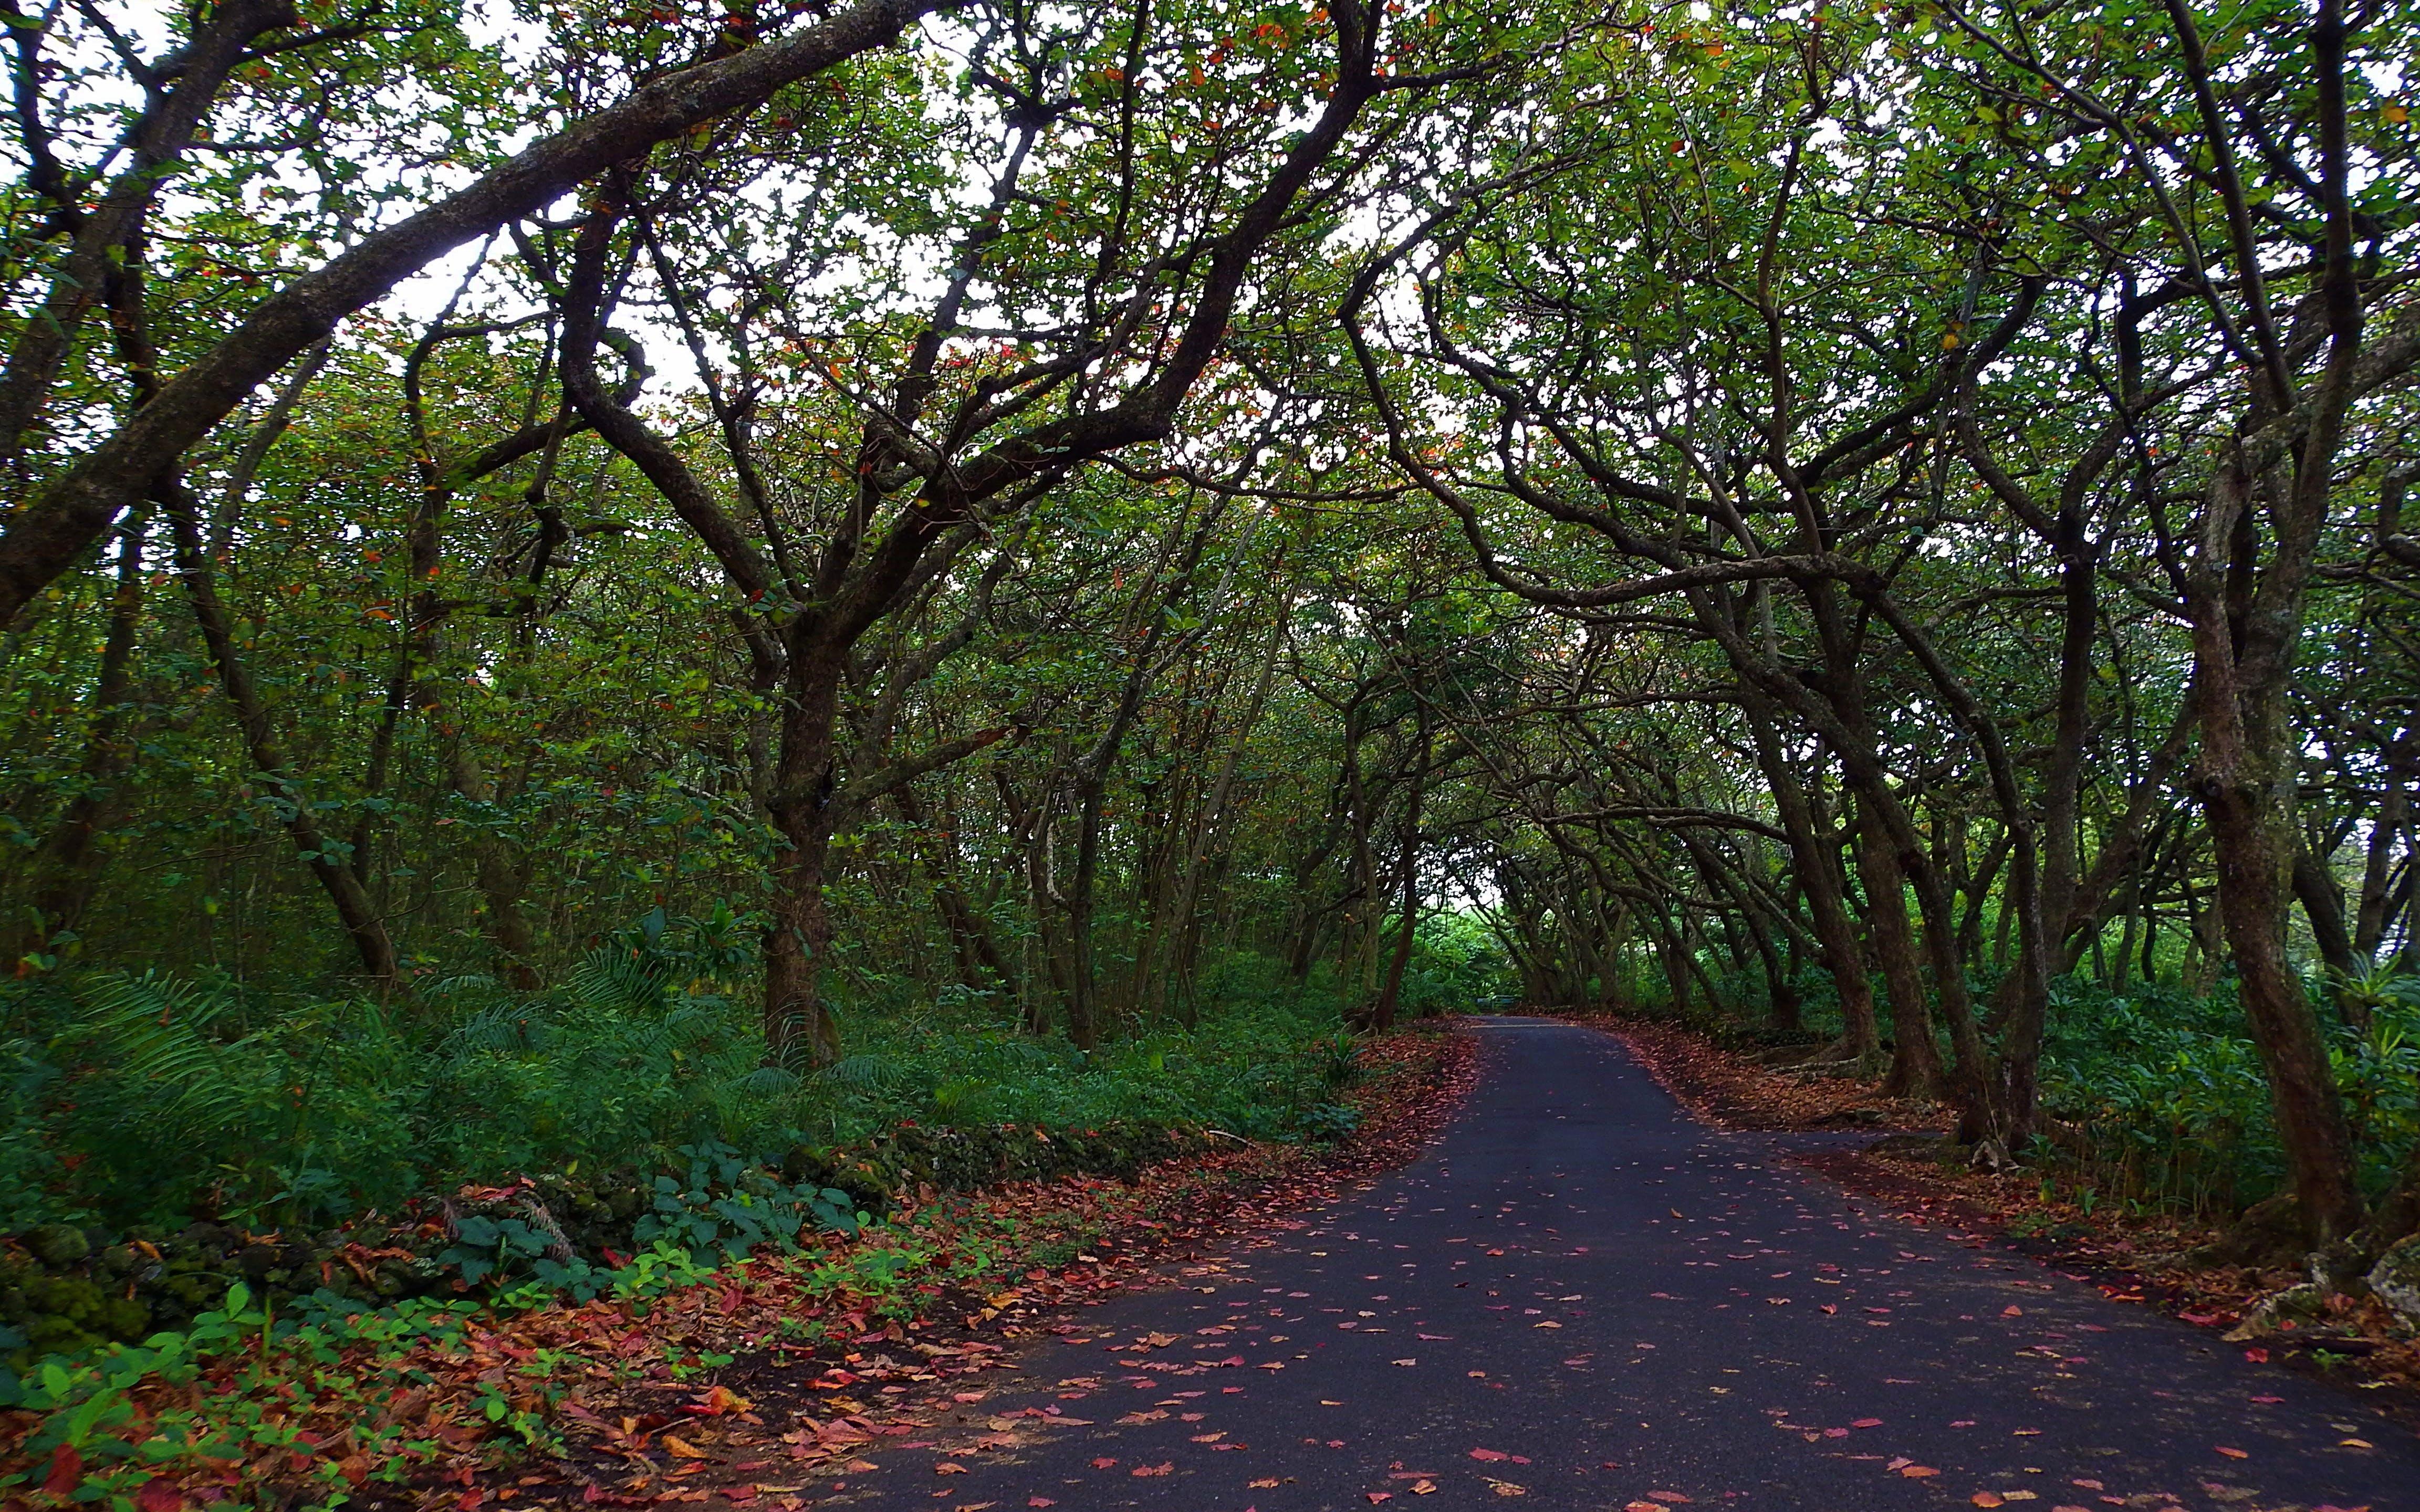 Empty Road Between Green Trees